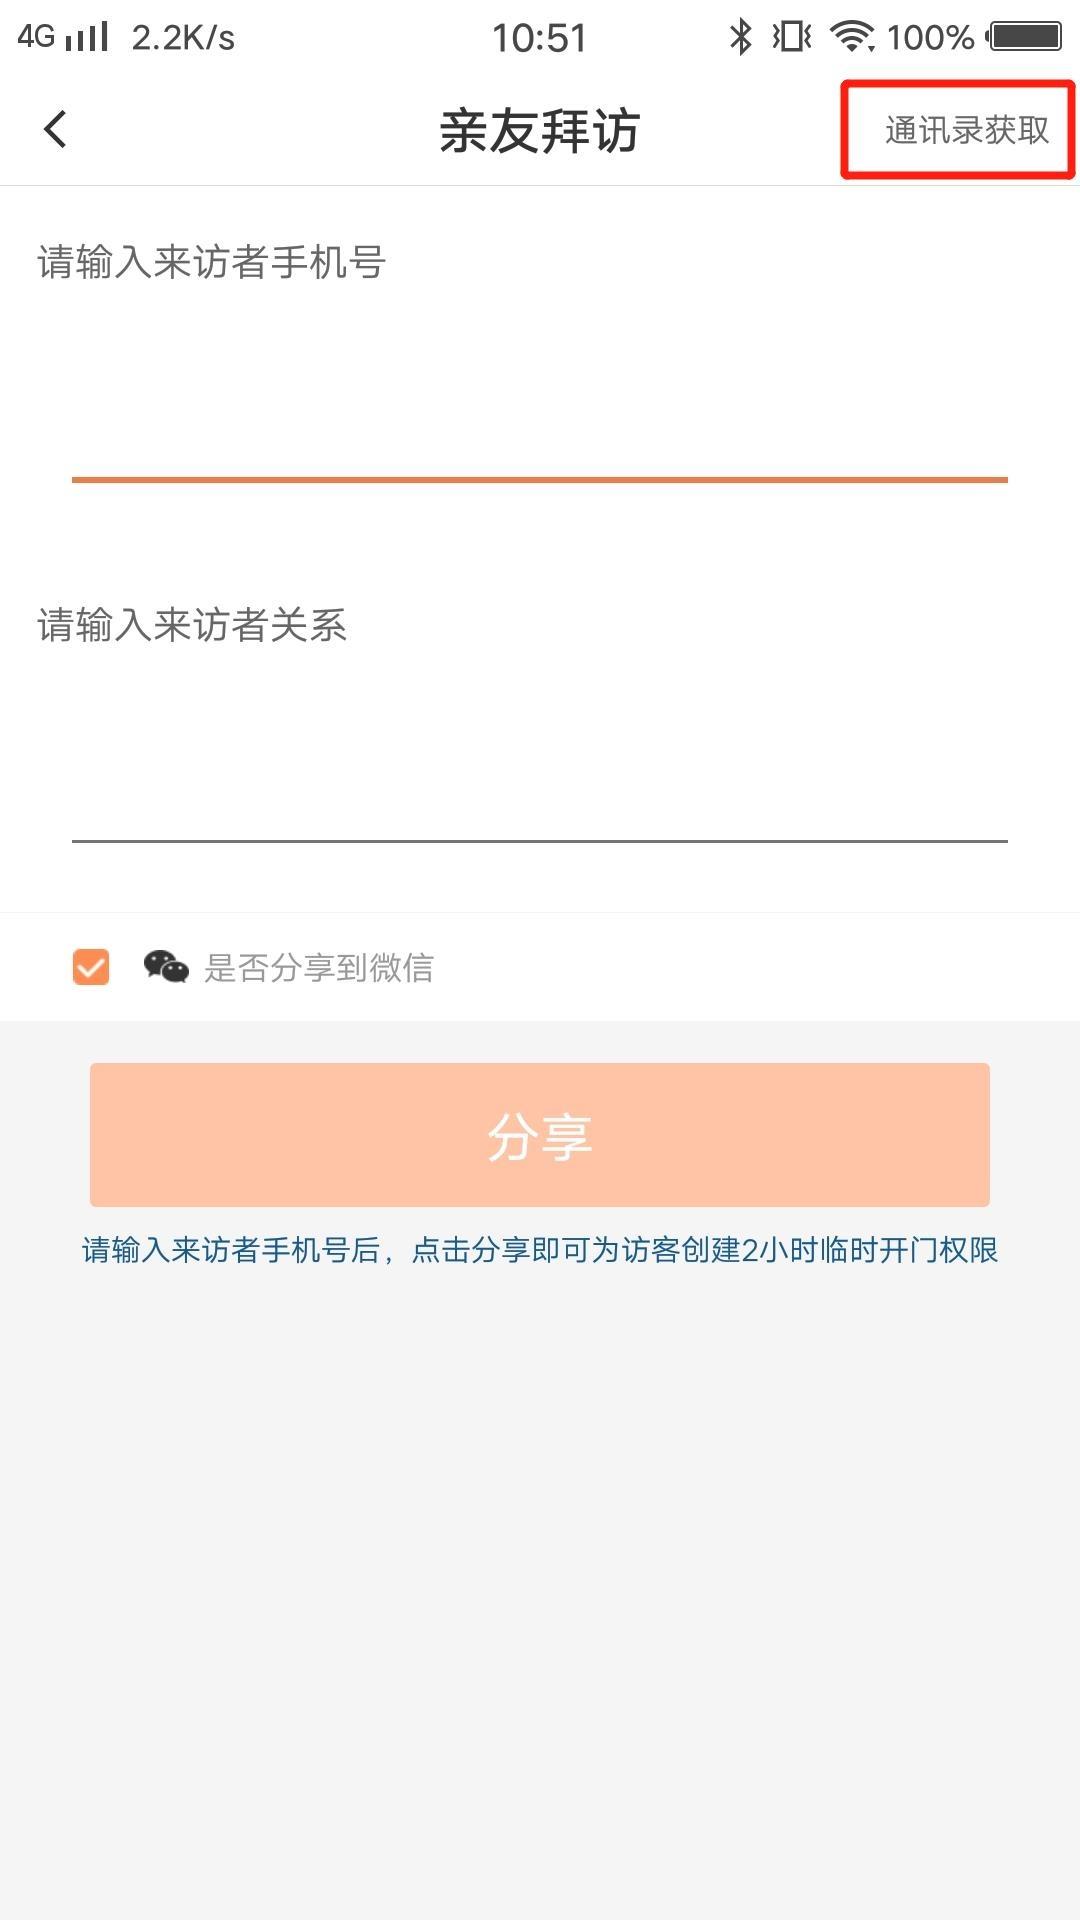 访客管理-通讯录获取.jpg